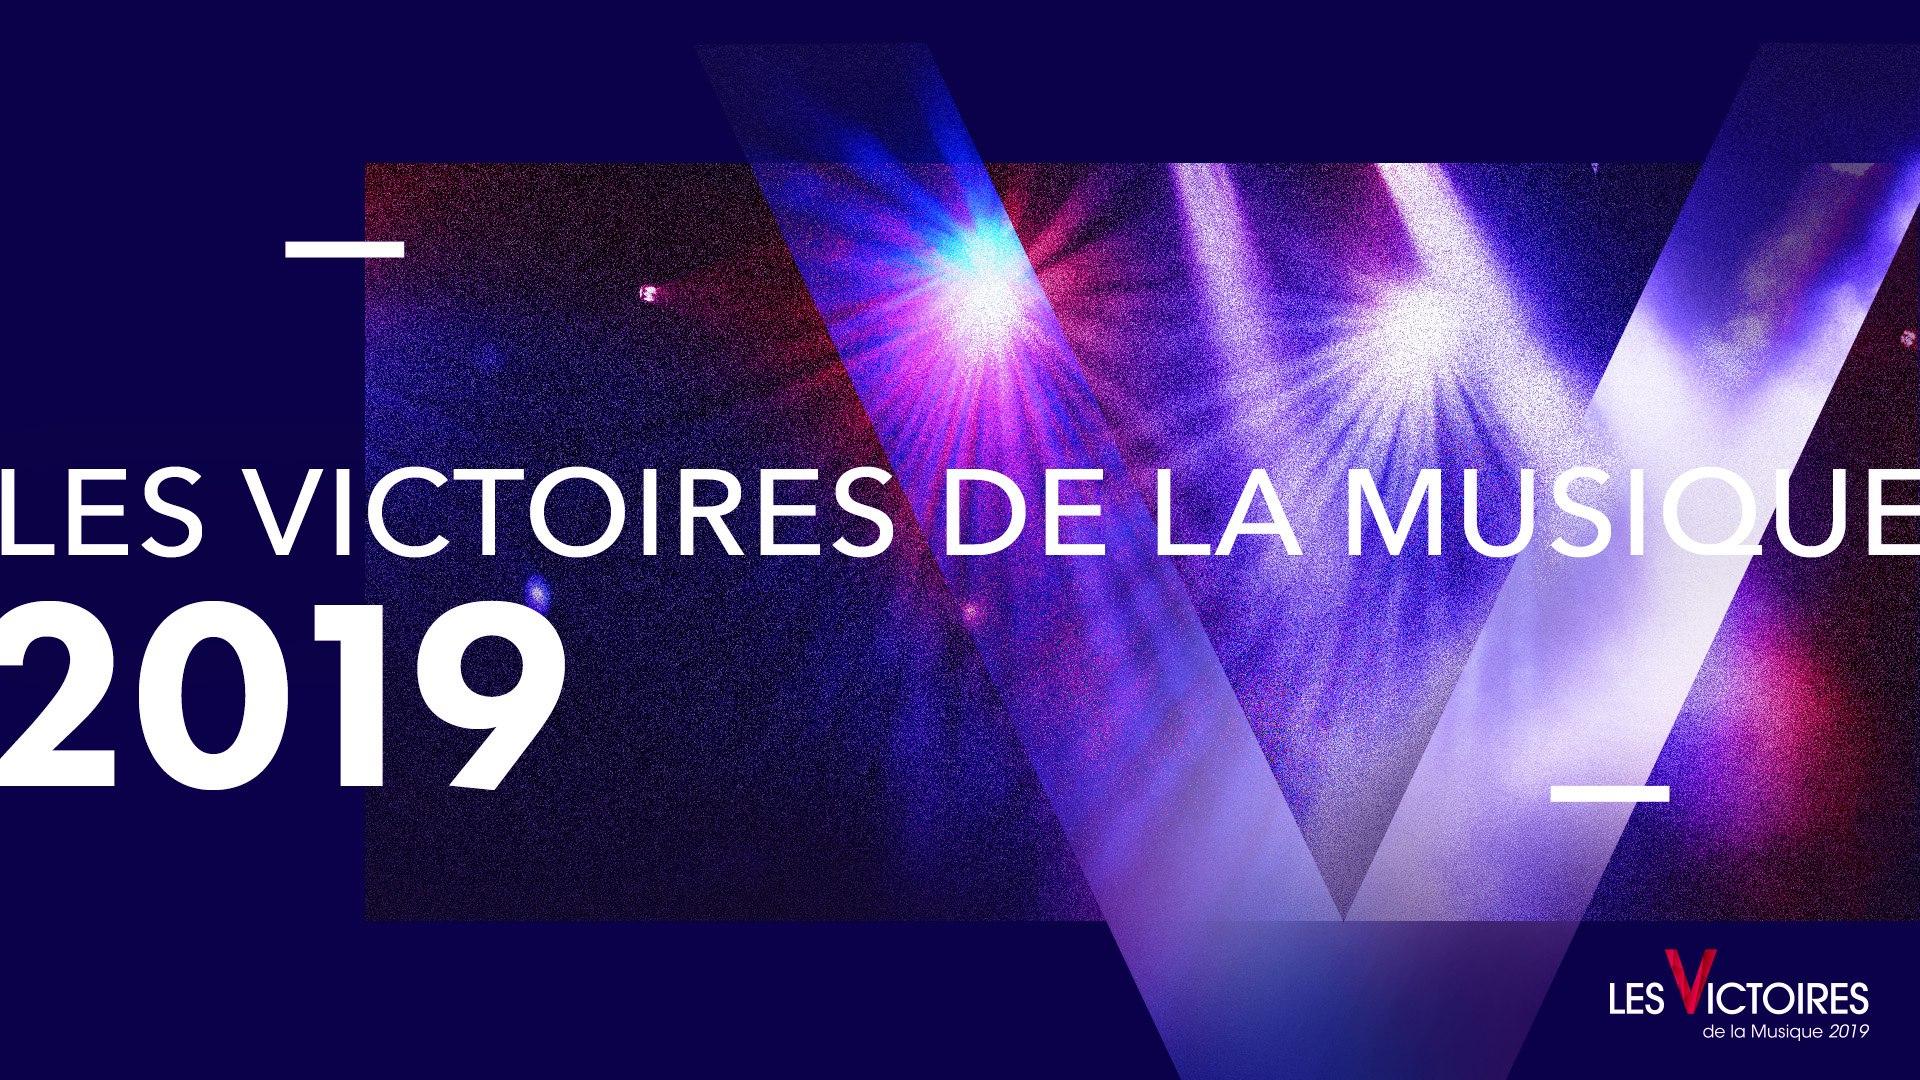 Victoires de la musique 2019